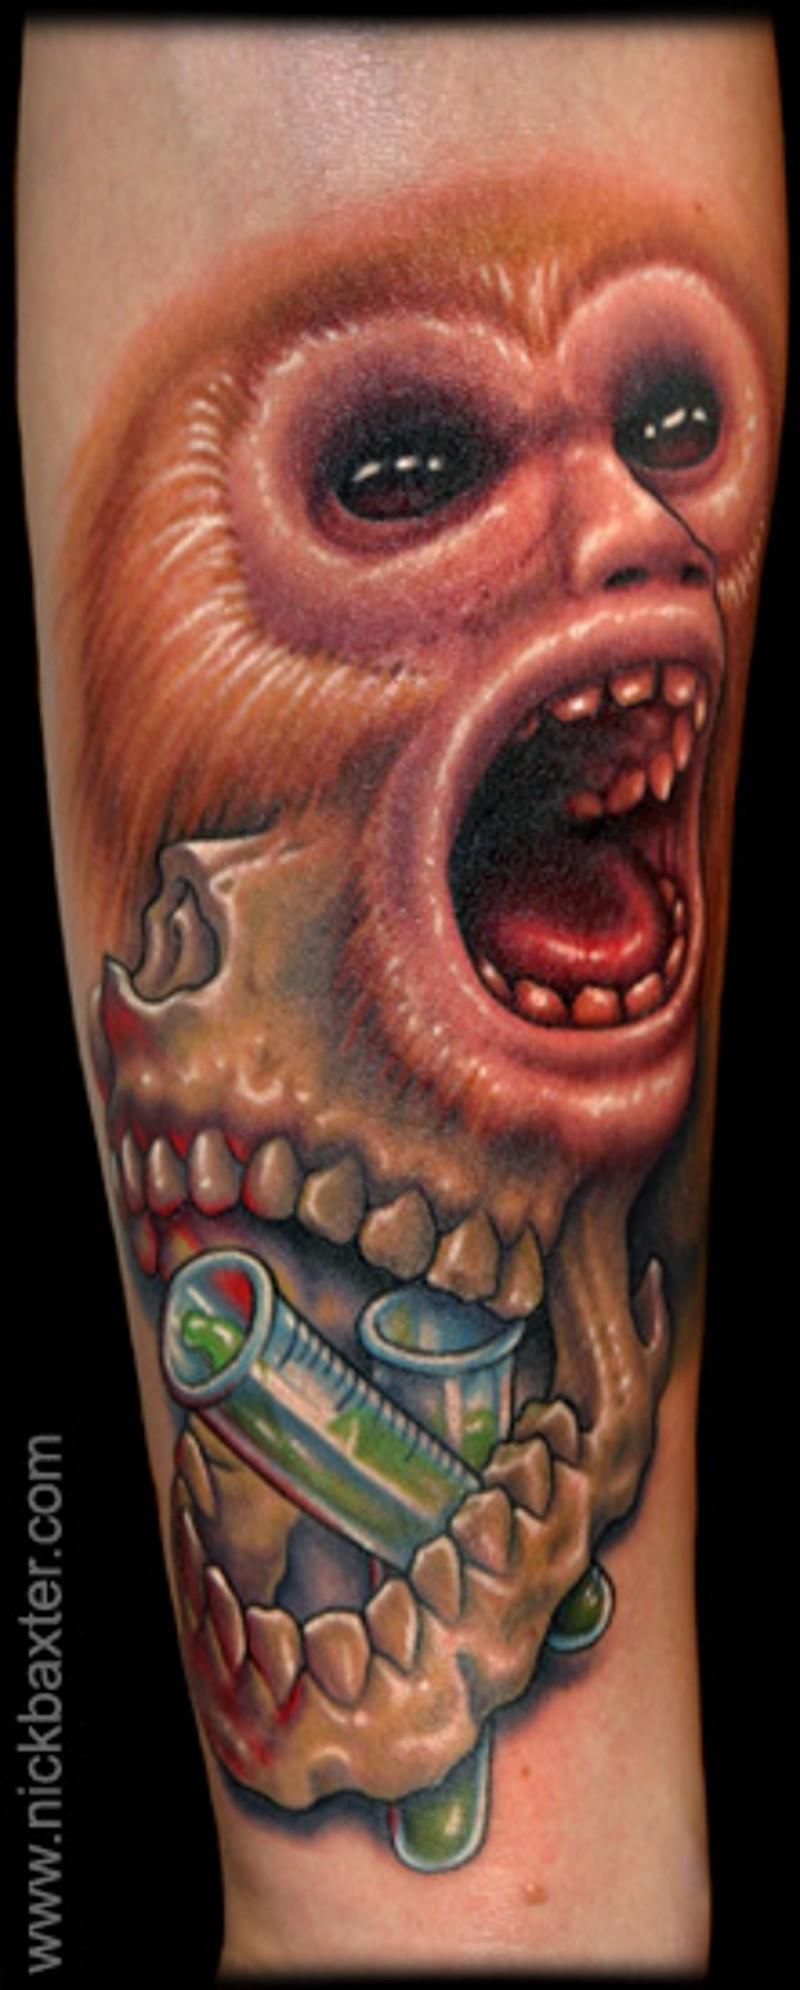 创意的猴子脸部结合颅骨纹身图案